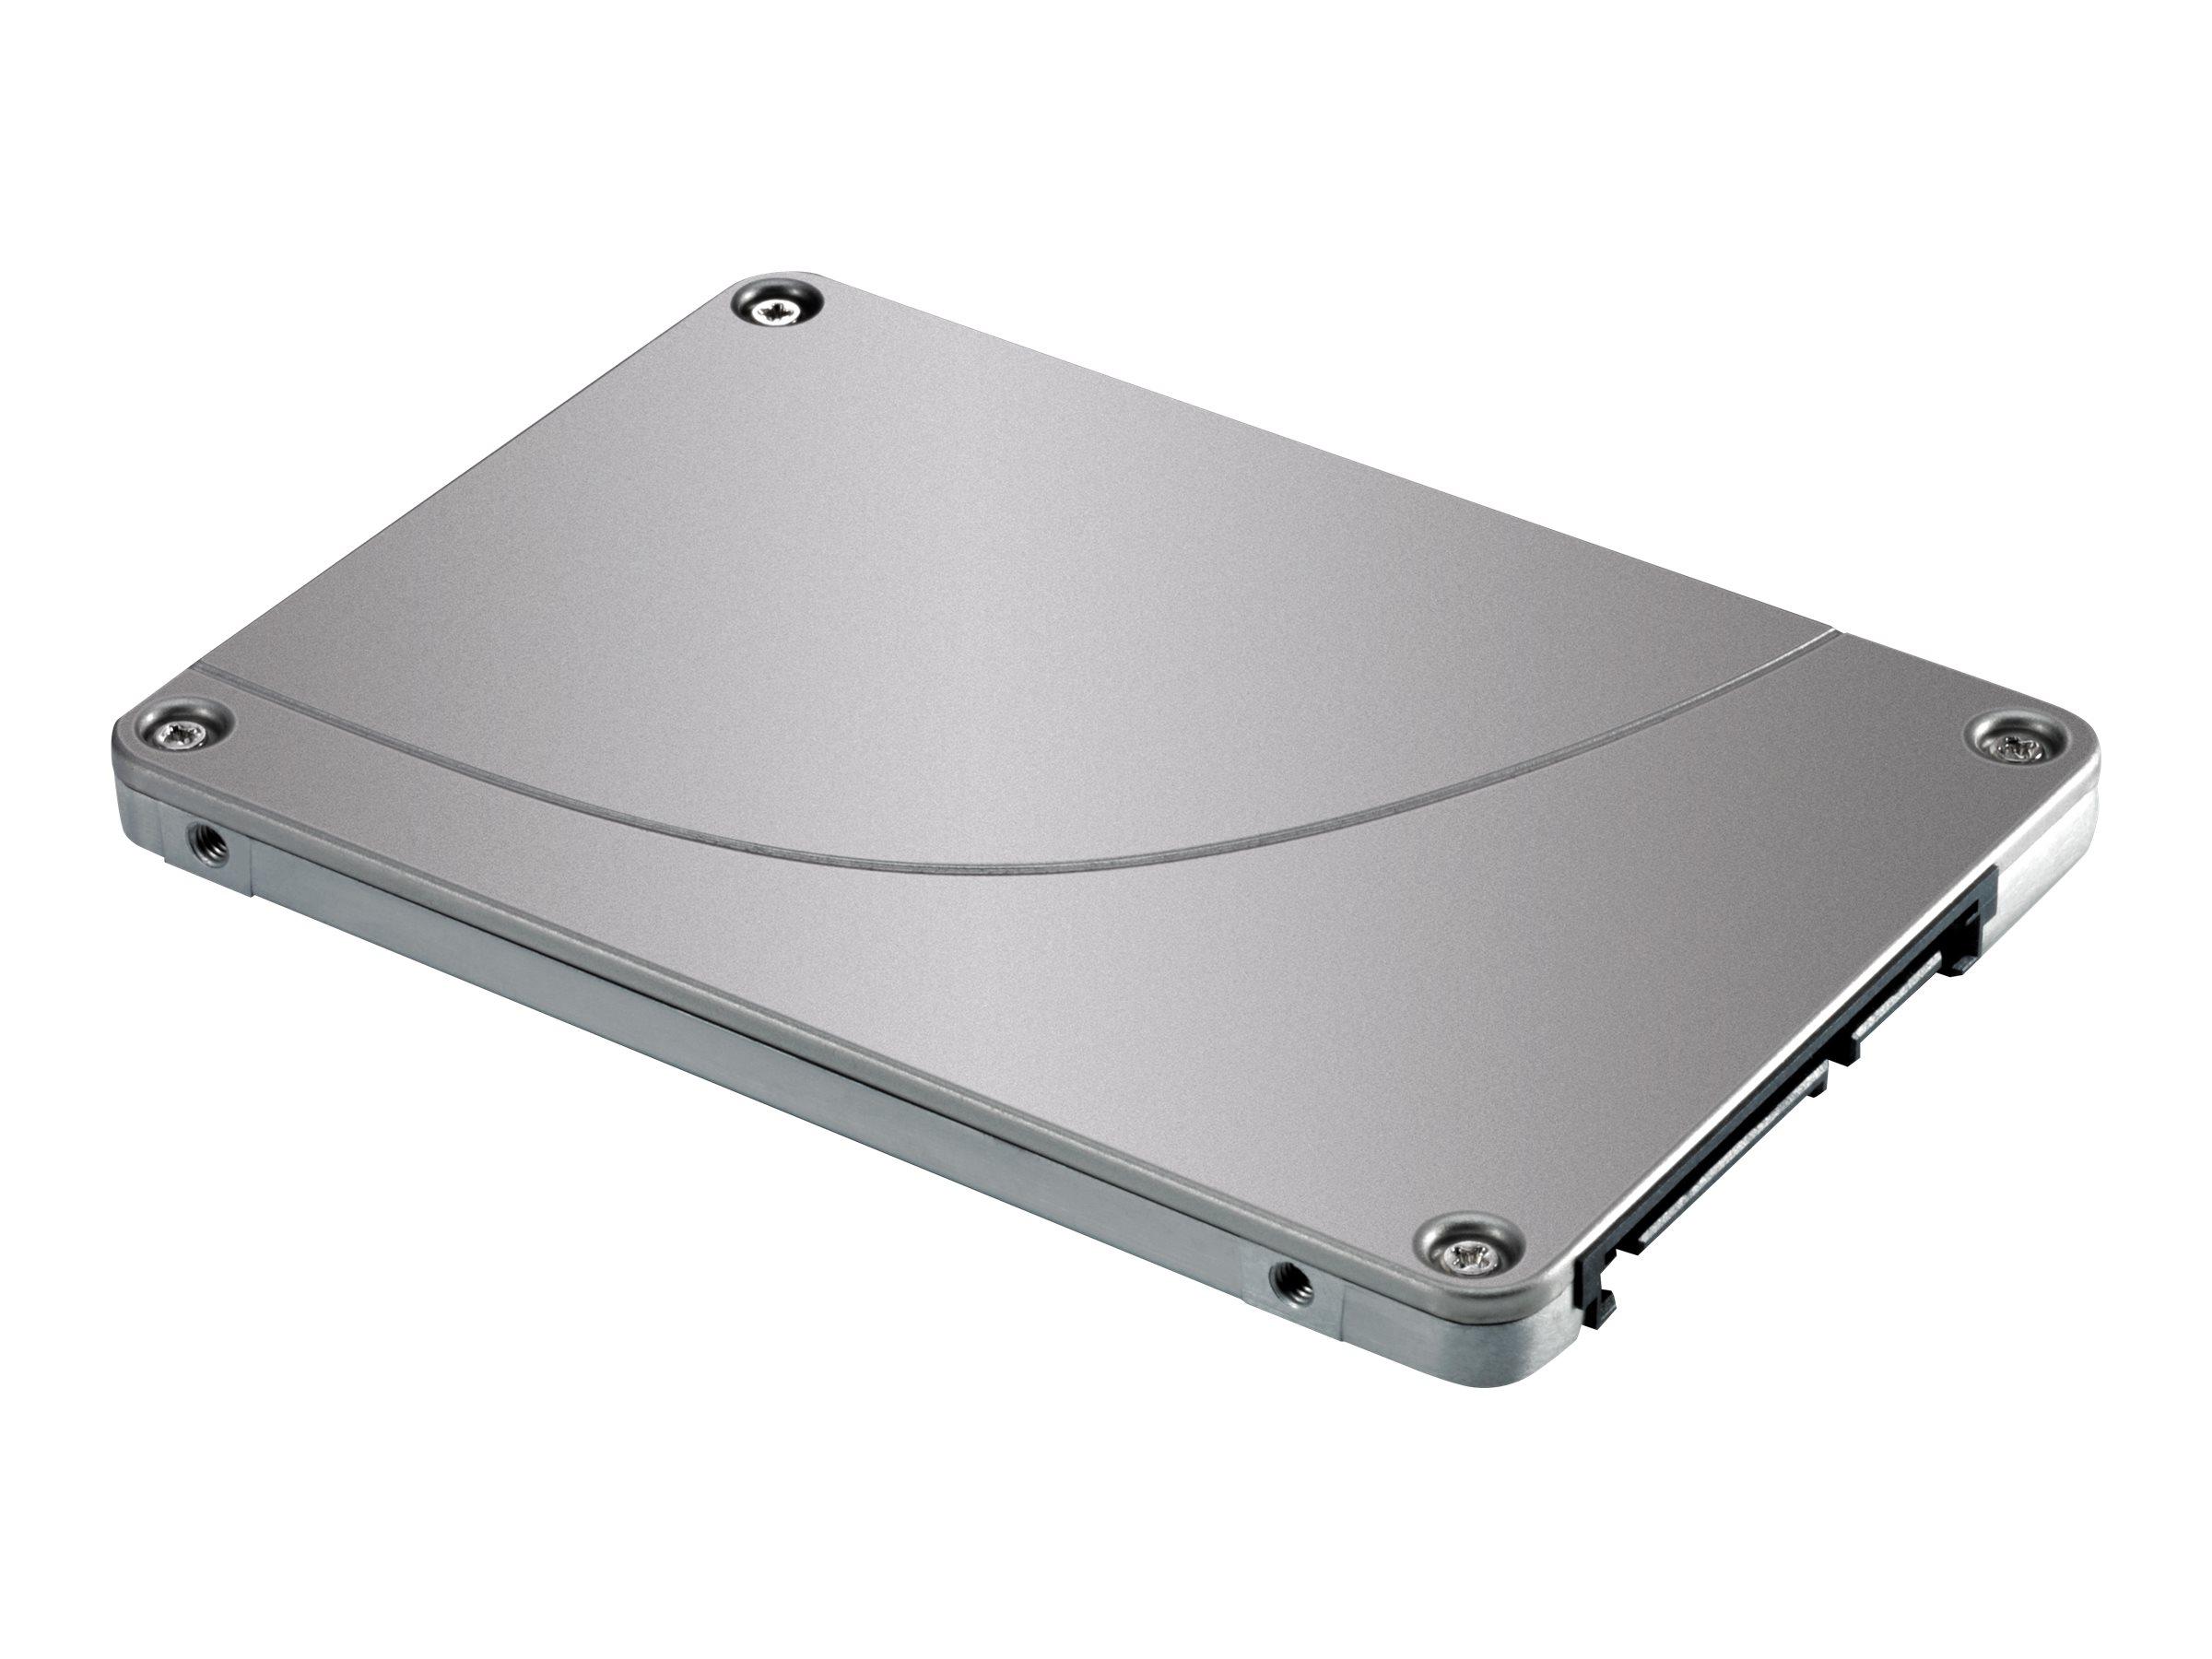 HP - solid state drive - 512 GB - SATA 6Gb/s - promo